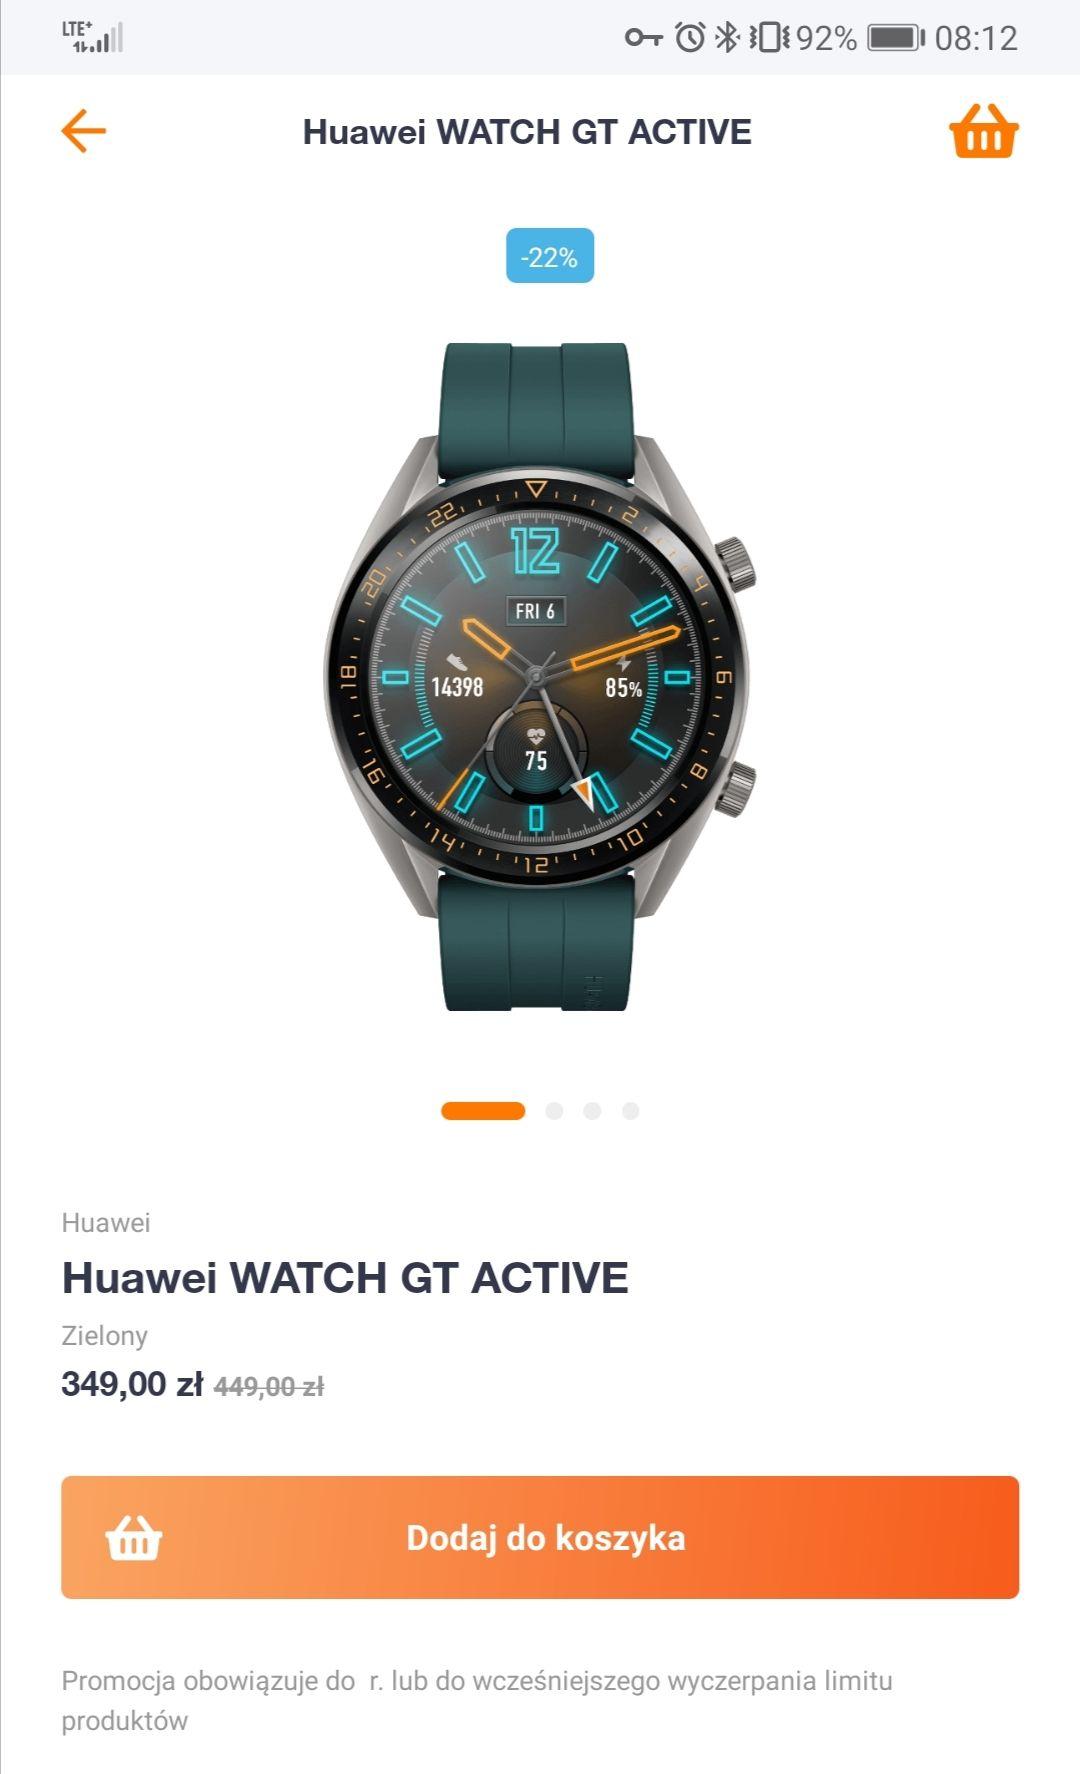 Huawei Watch GT Active - Orange Flex